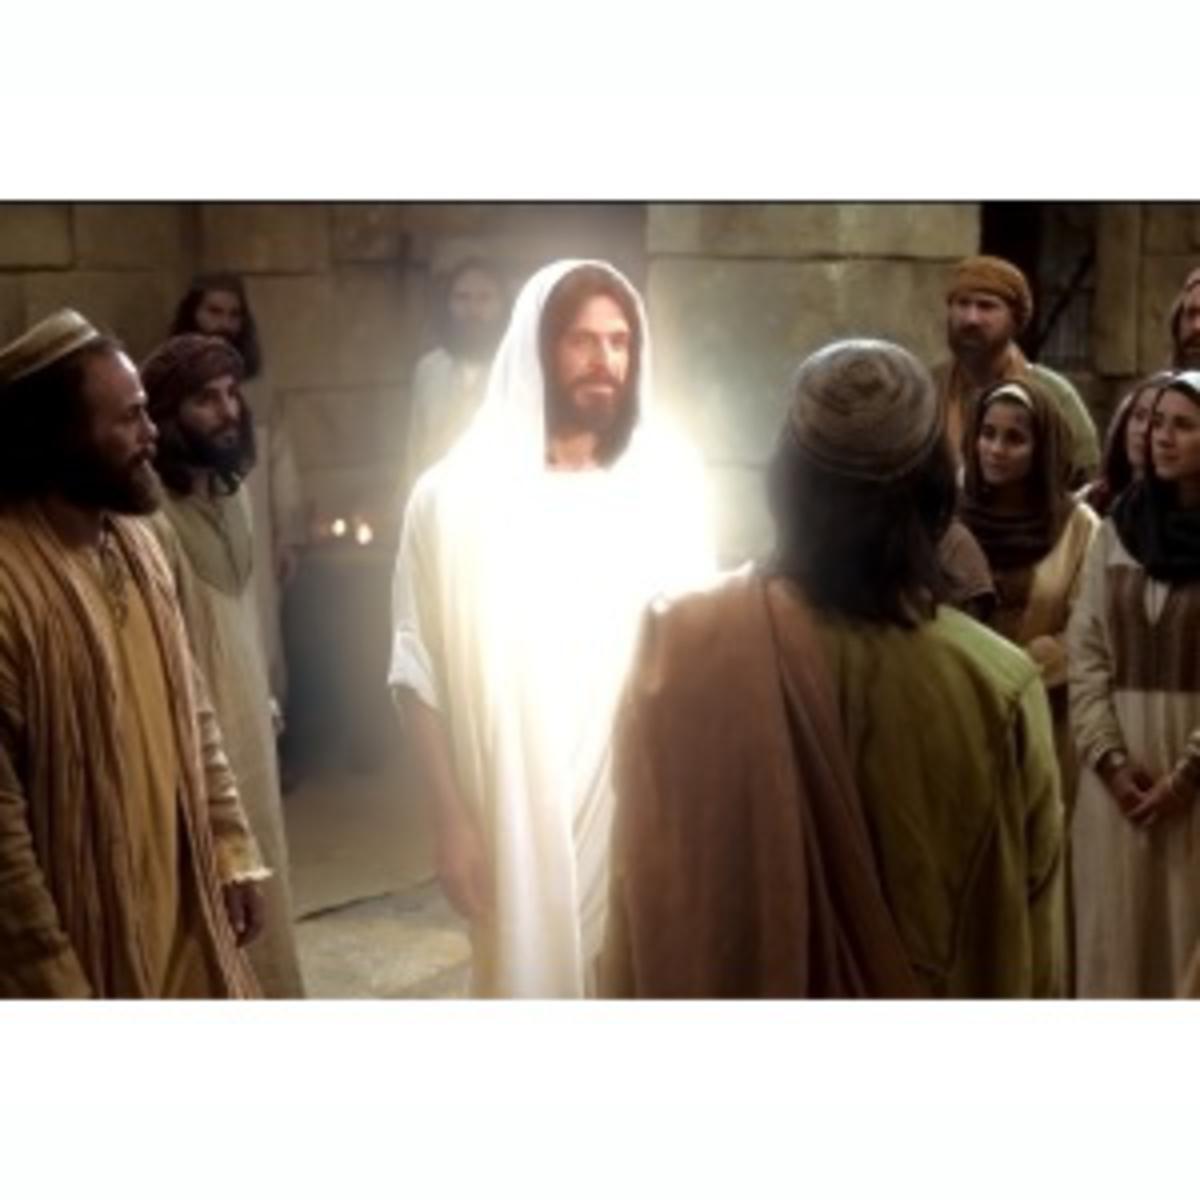 Resurrected Christ